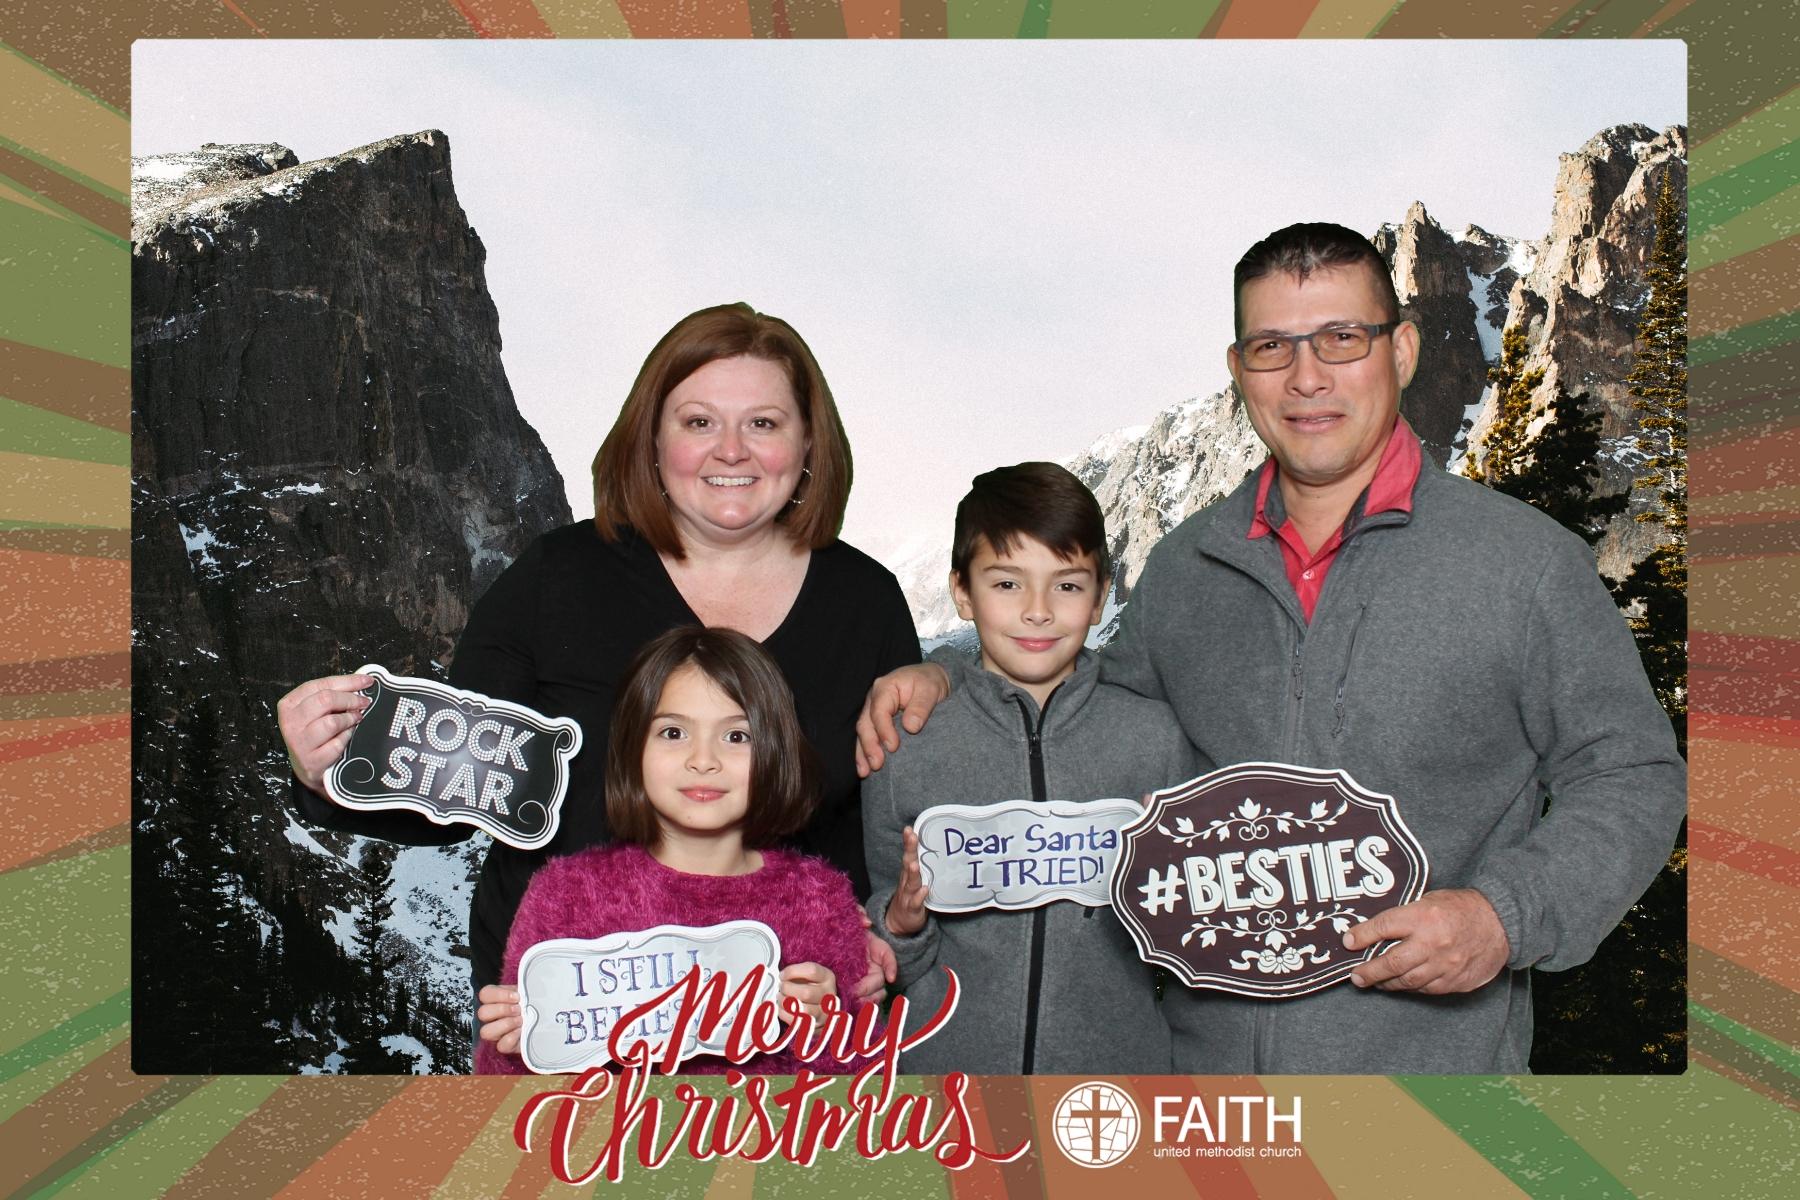 Faith2018_2018-12-24_18-46-16.jpg